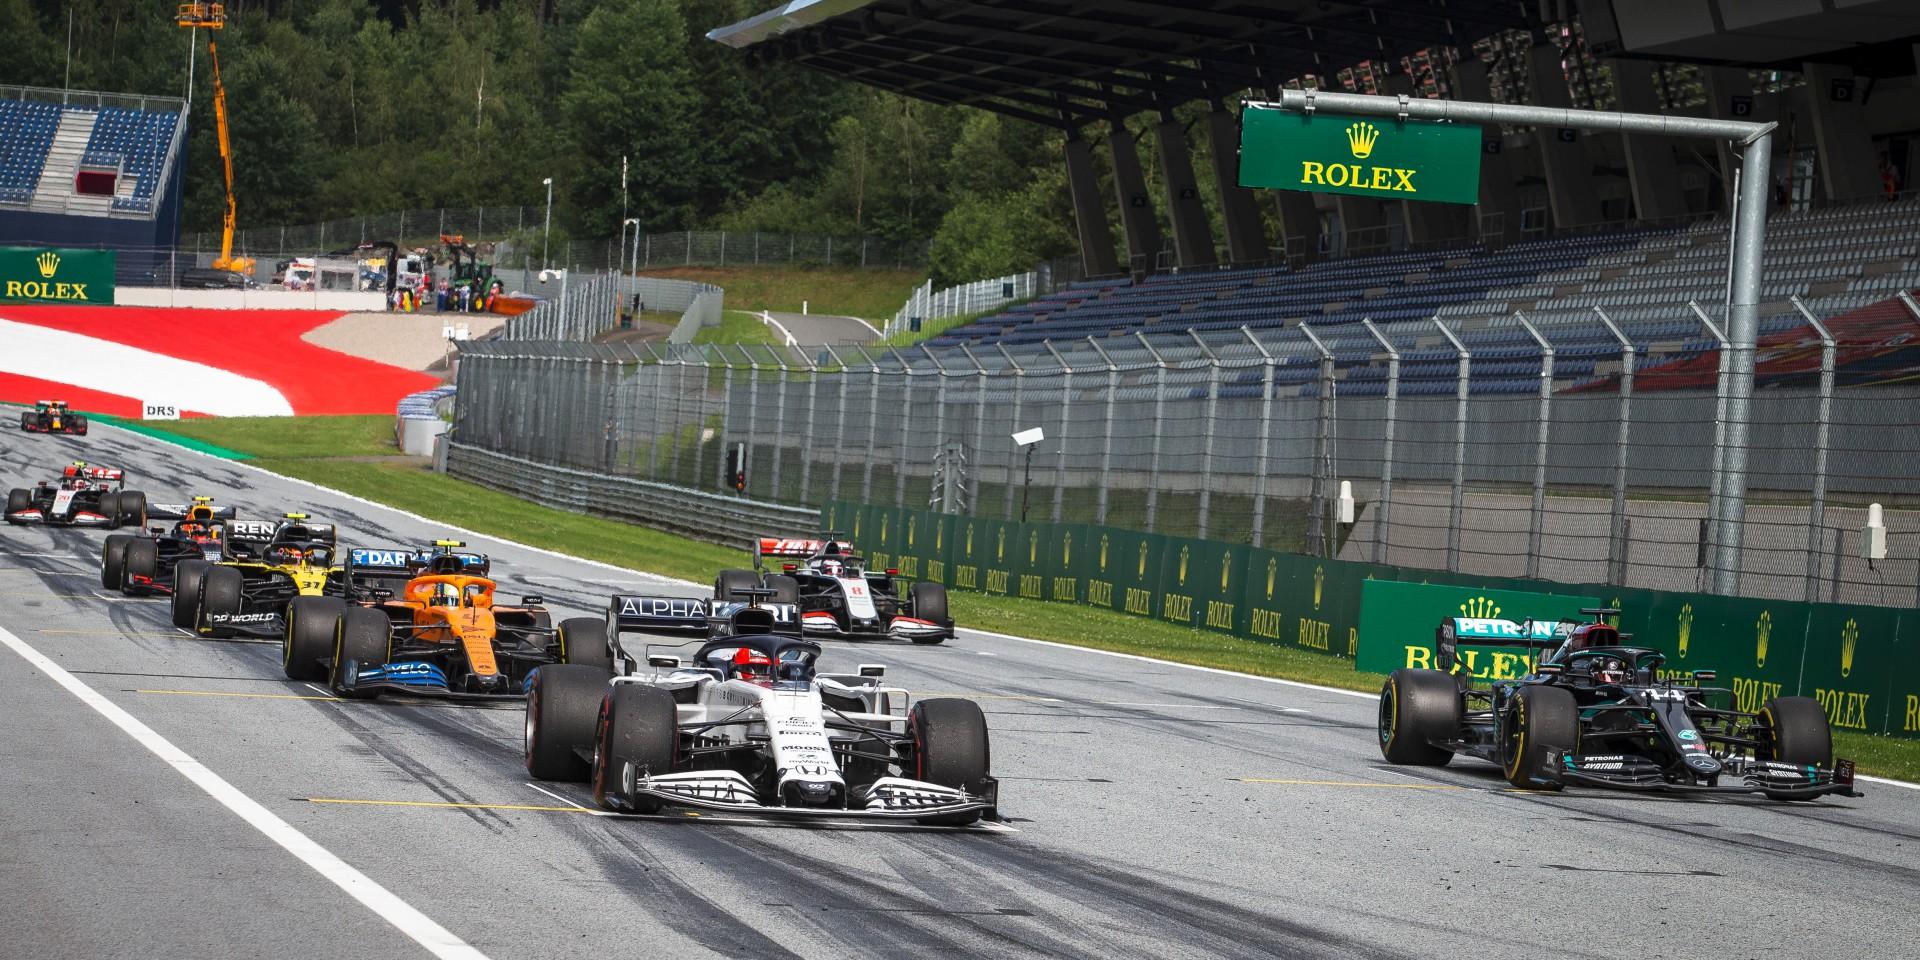 勞力士奧地利大獎賽擂響2020年一級方程式錦標賽(FIA Formula One World Championship)首戰序曲